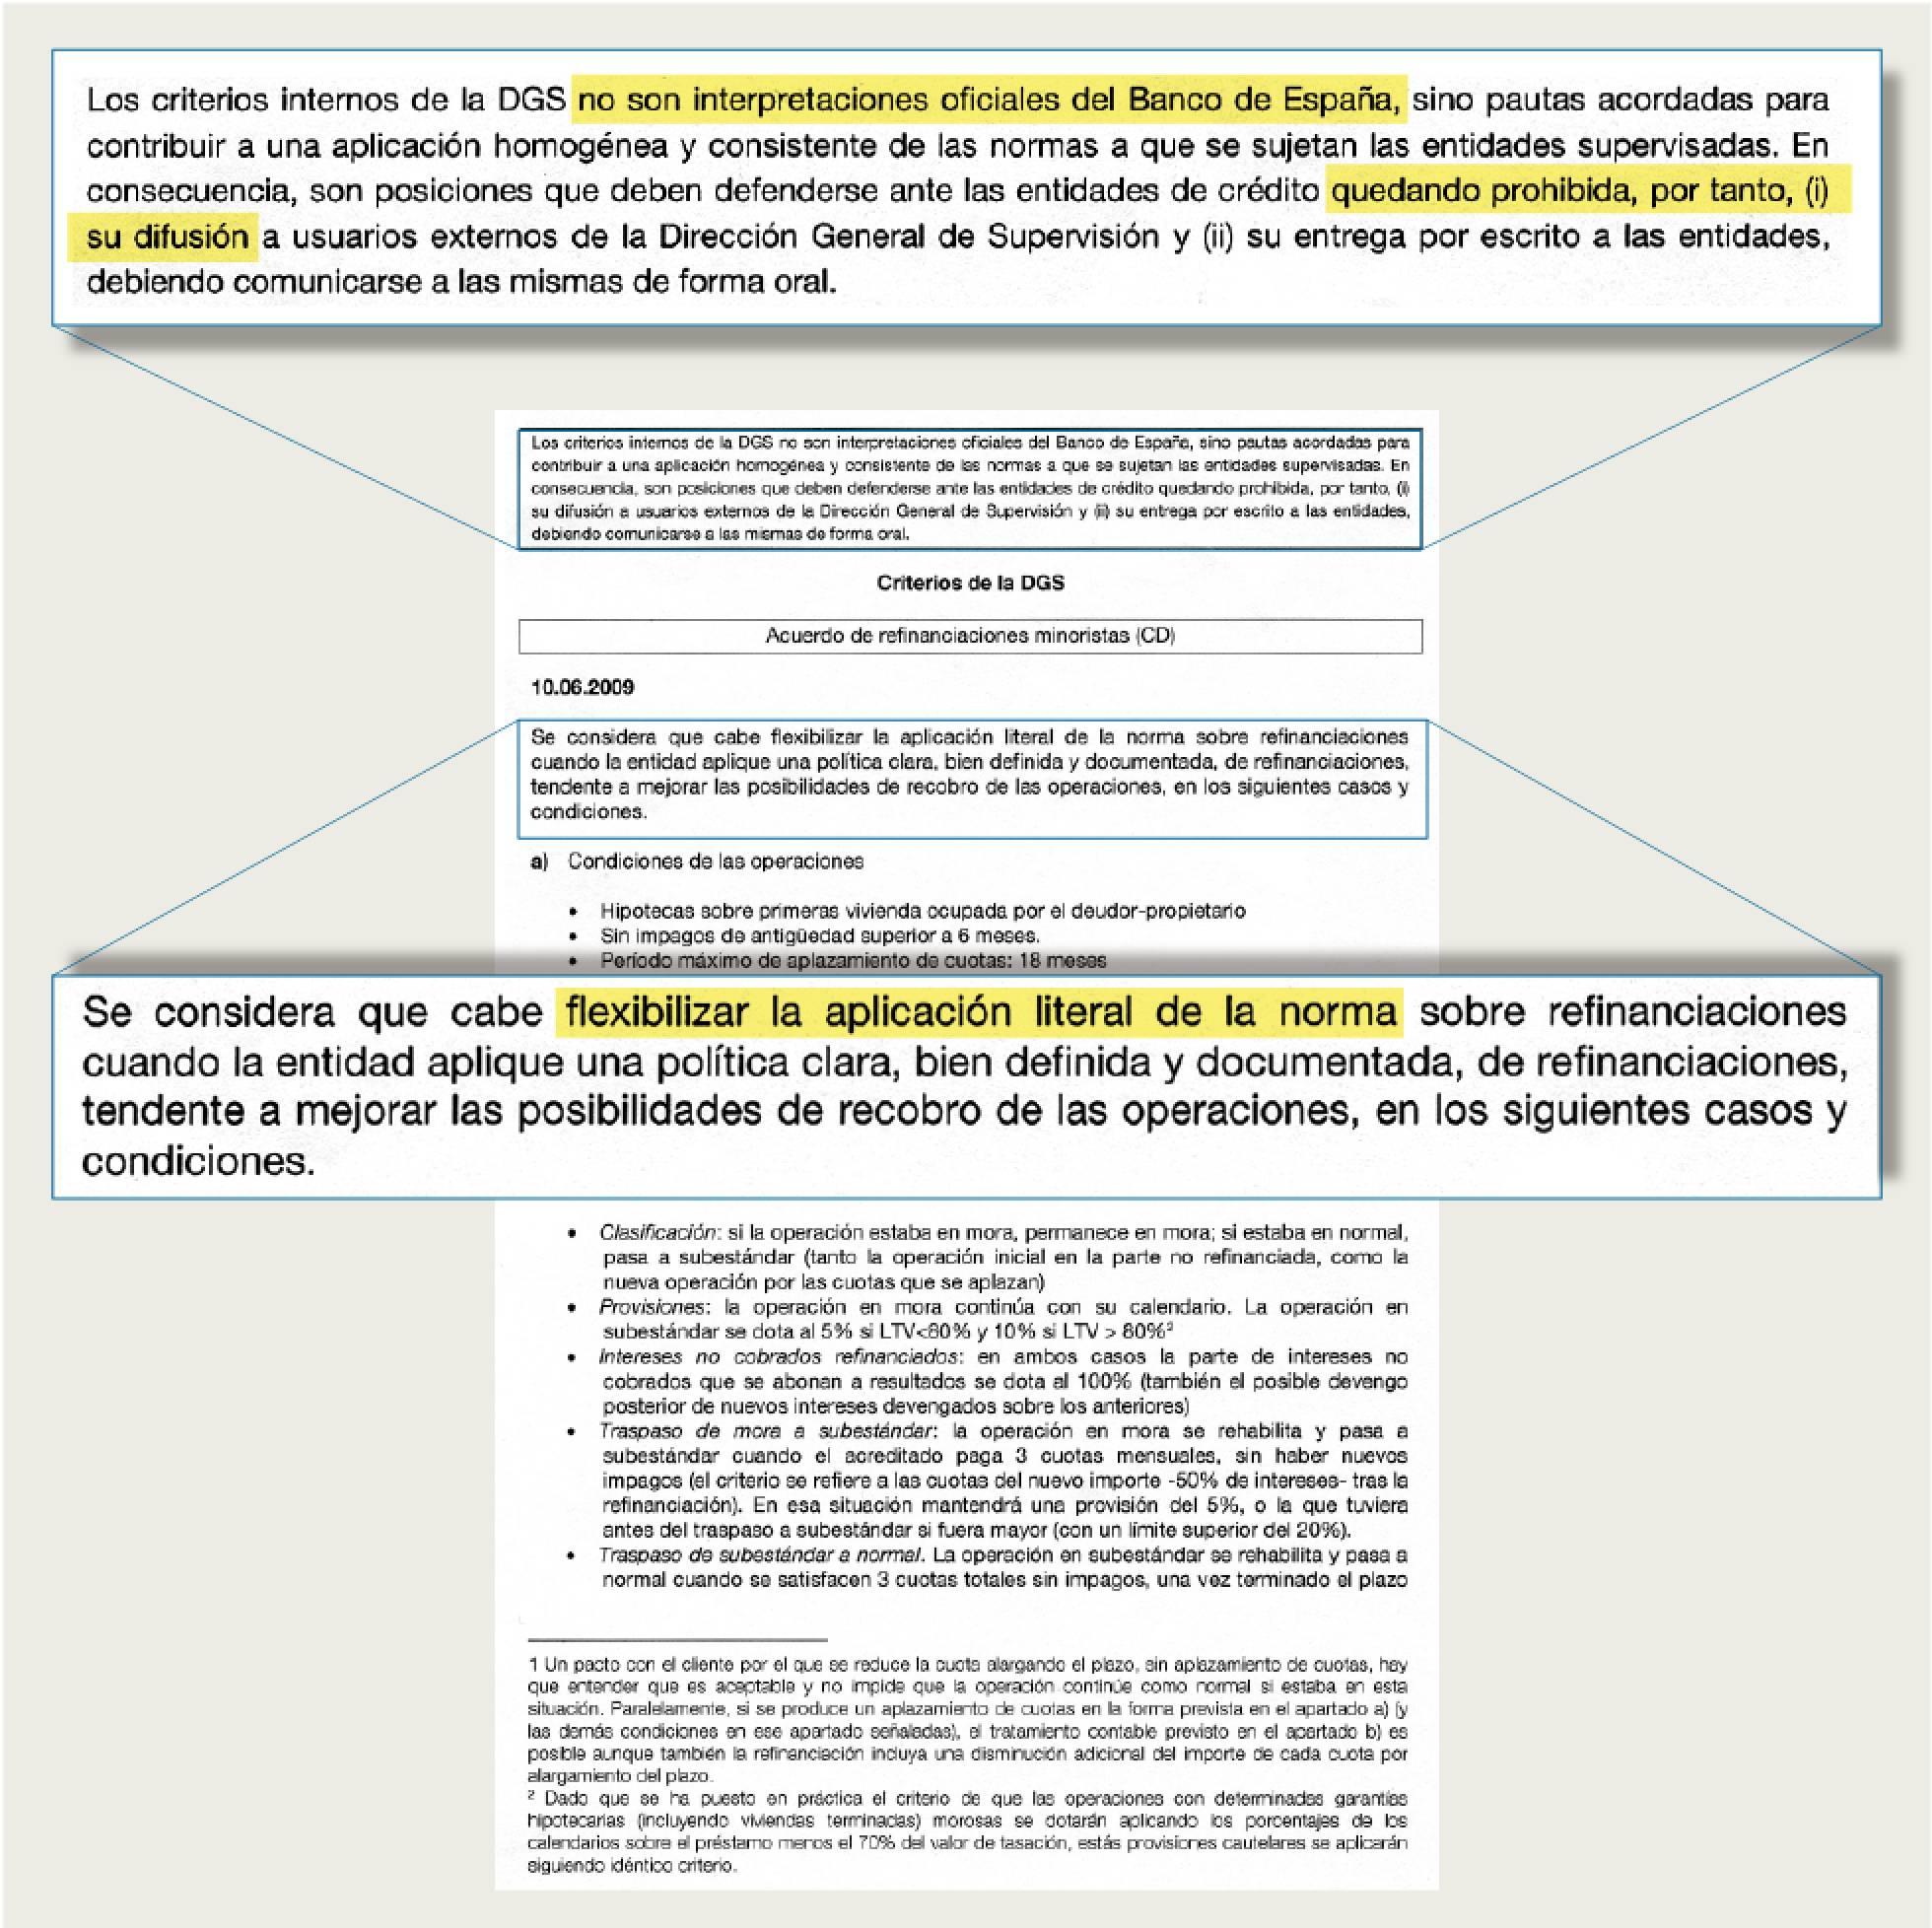 Negocio  de la banca  en España. El gobierno avala a la banca privada por otros 100.000 millones. - Página 7 1485975747_511098_1485978136_sumario_normal_recorte1